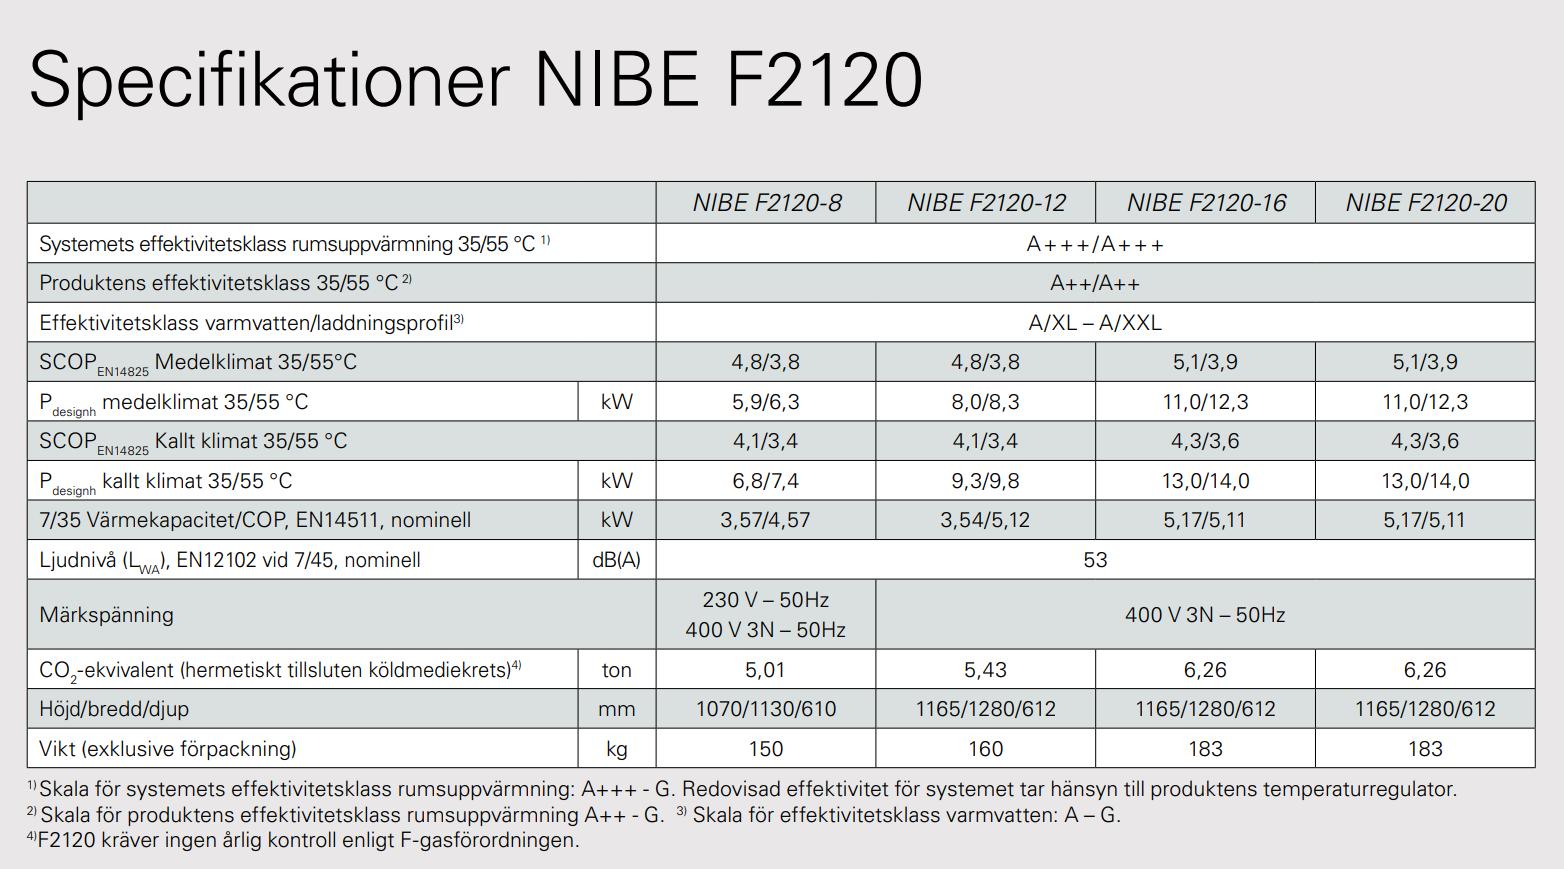 Specifikationer NIBE F2120 inkl VVM S320